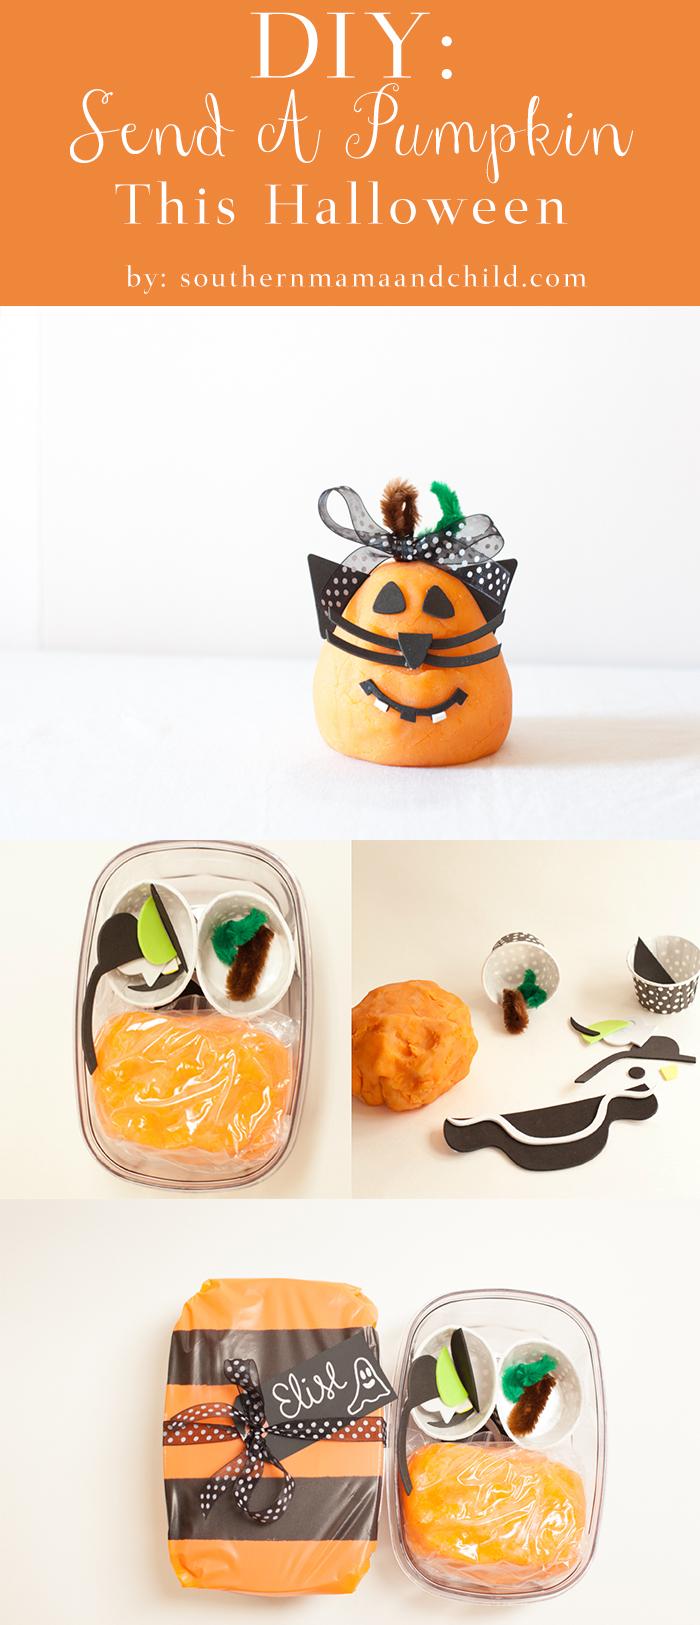 Send-A-Pumpkin-DIY-collage